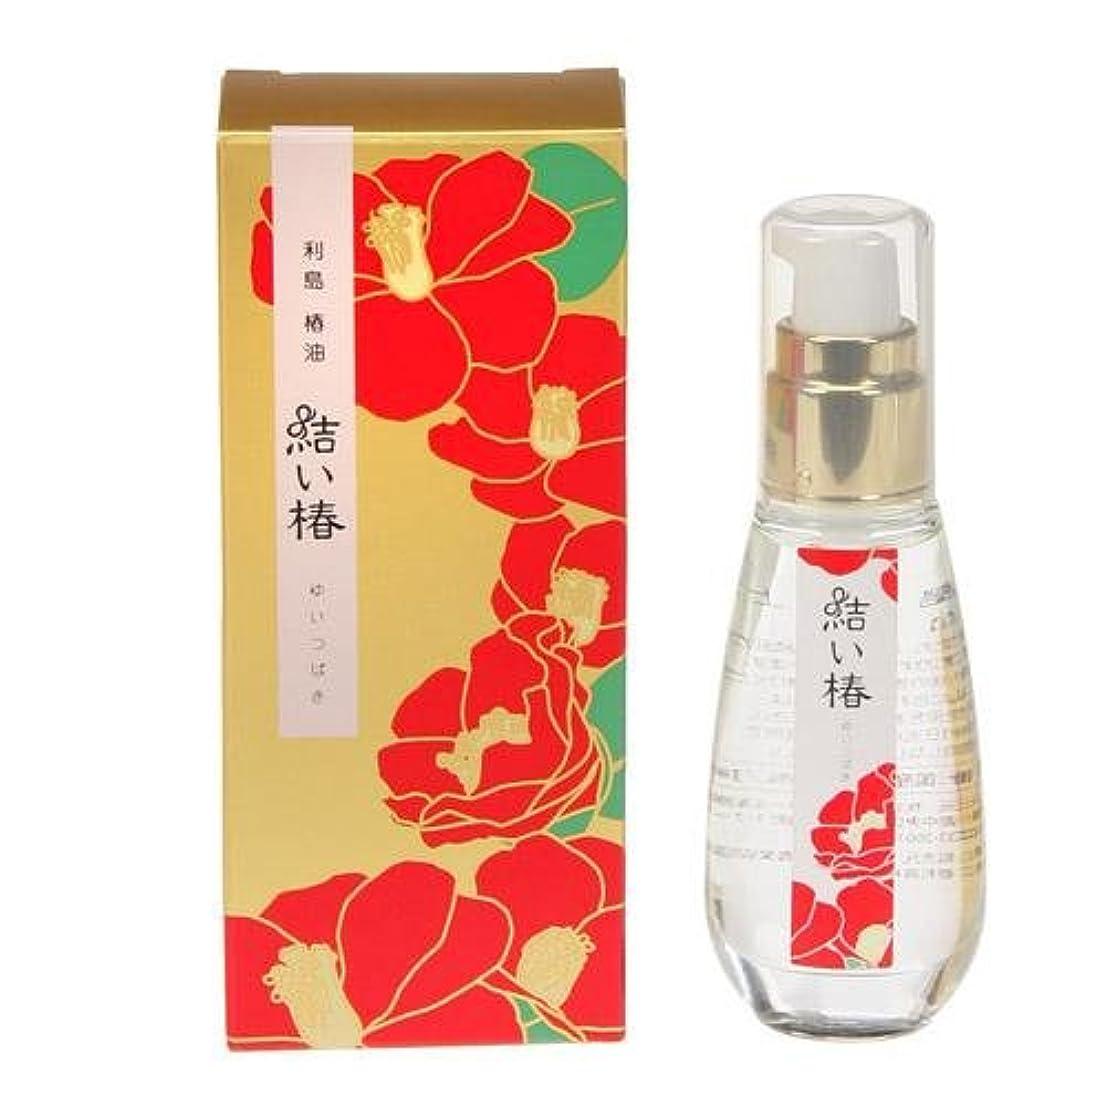 確かなメタルライン豊富な「伊豆利島(としま)椿油」 結い椿 椿油 上質 30ml(プッシュタイプ)